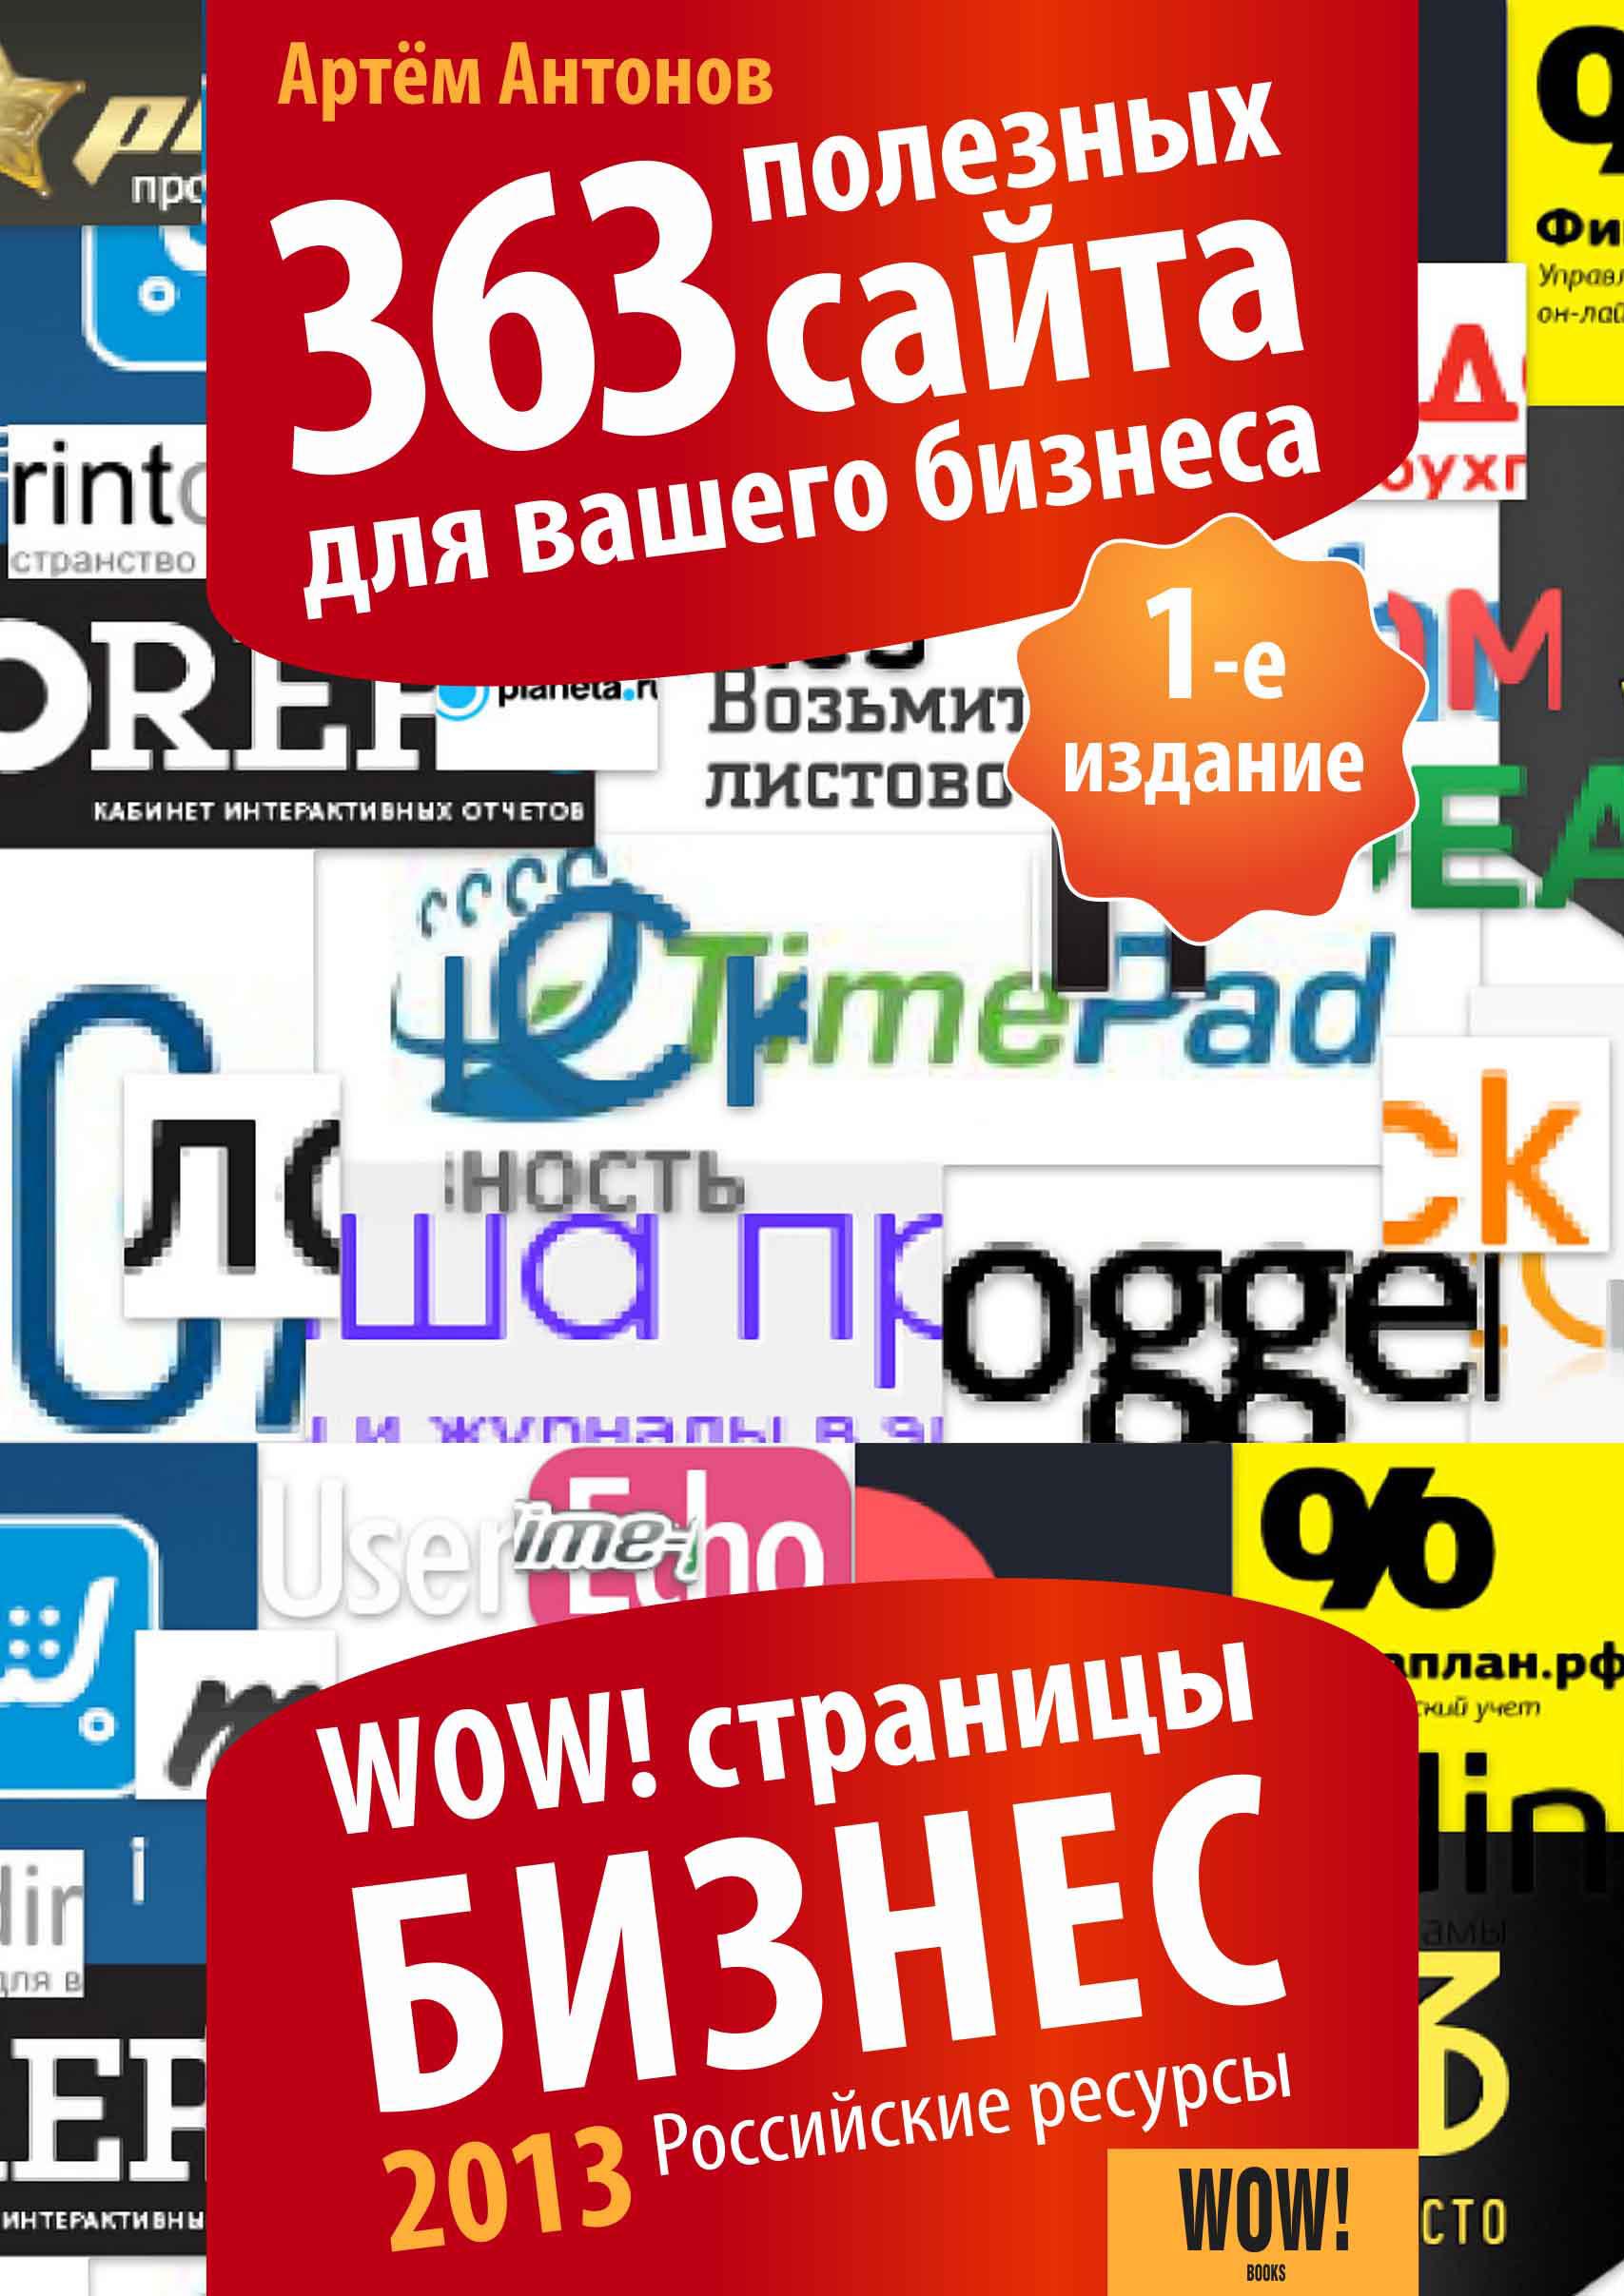 Артём Антонов 363 полезных сайта для вашего бизнеса игорь липсиц маркетинг для топ менеджеров 70 лучших идей для вашего бизнеса